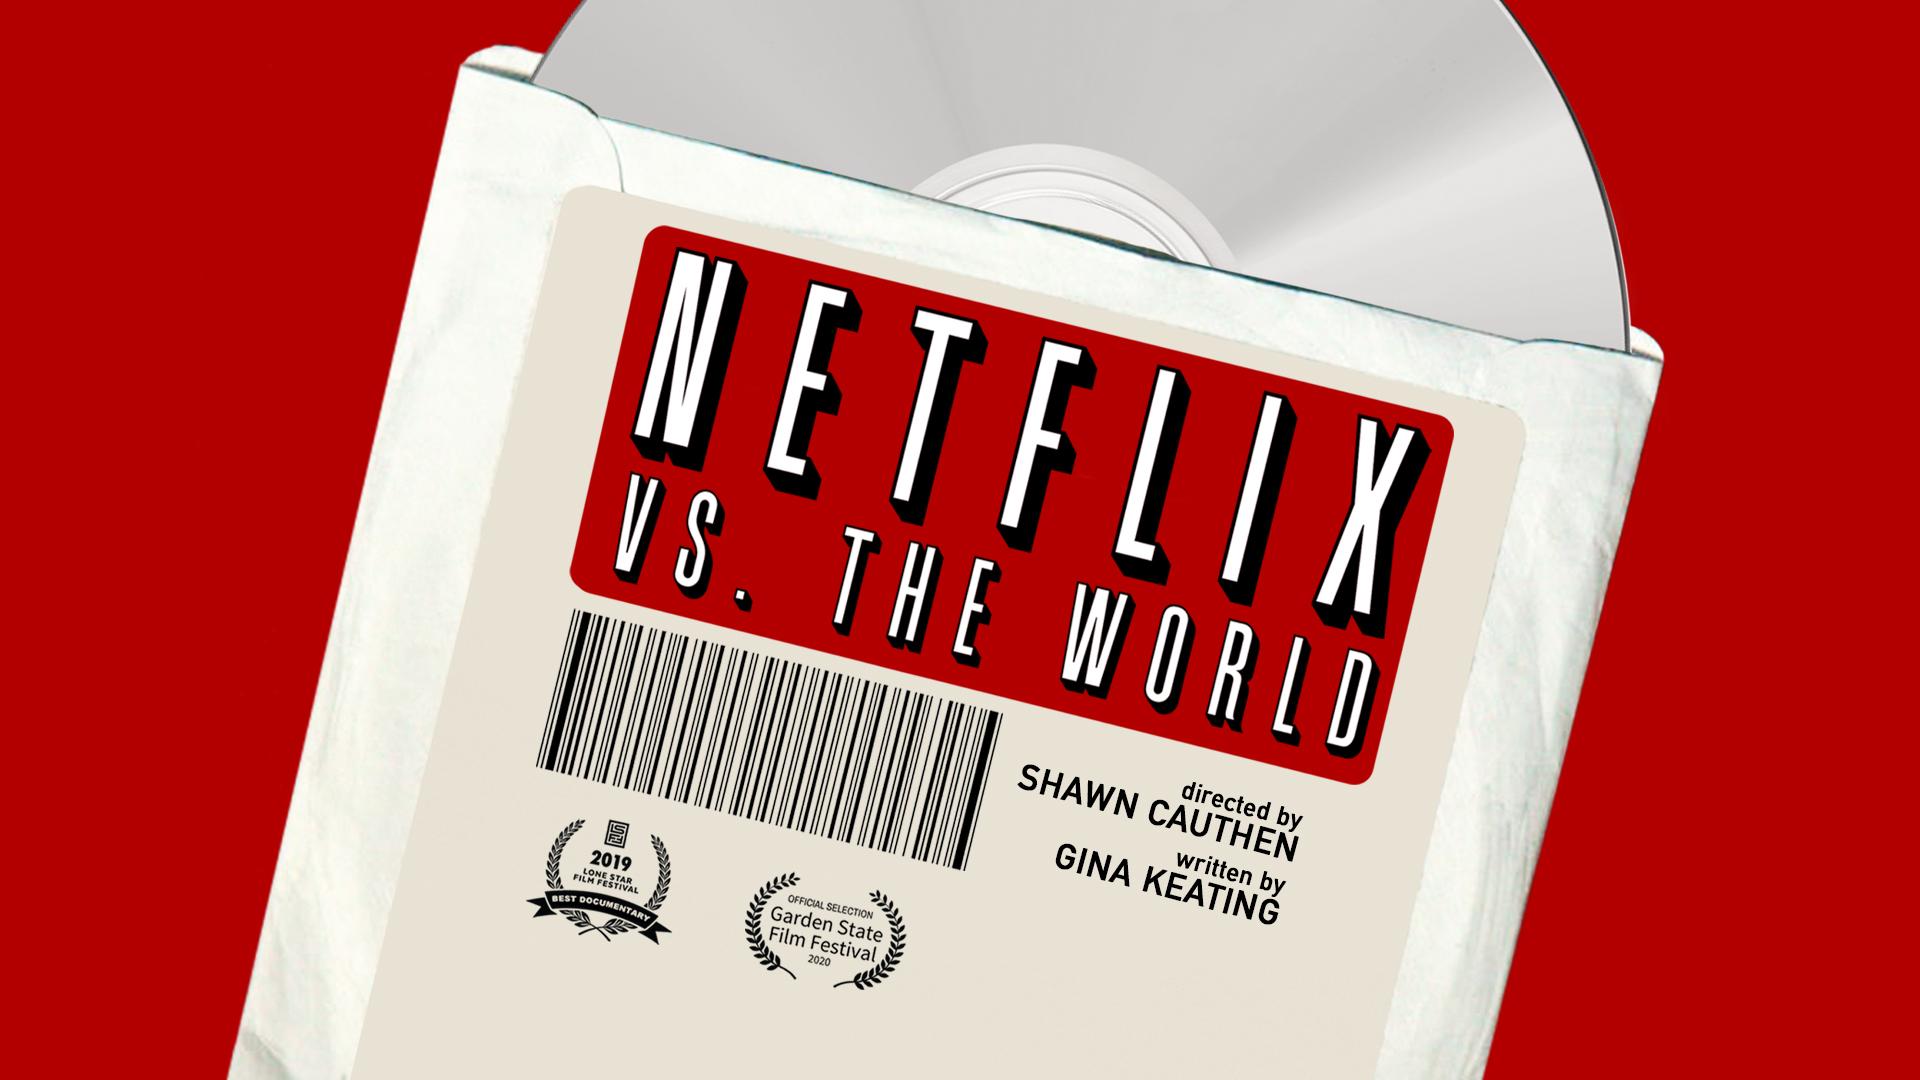 Netflix vs. the World